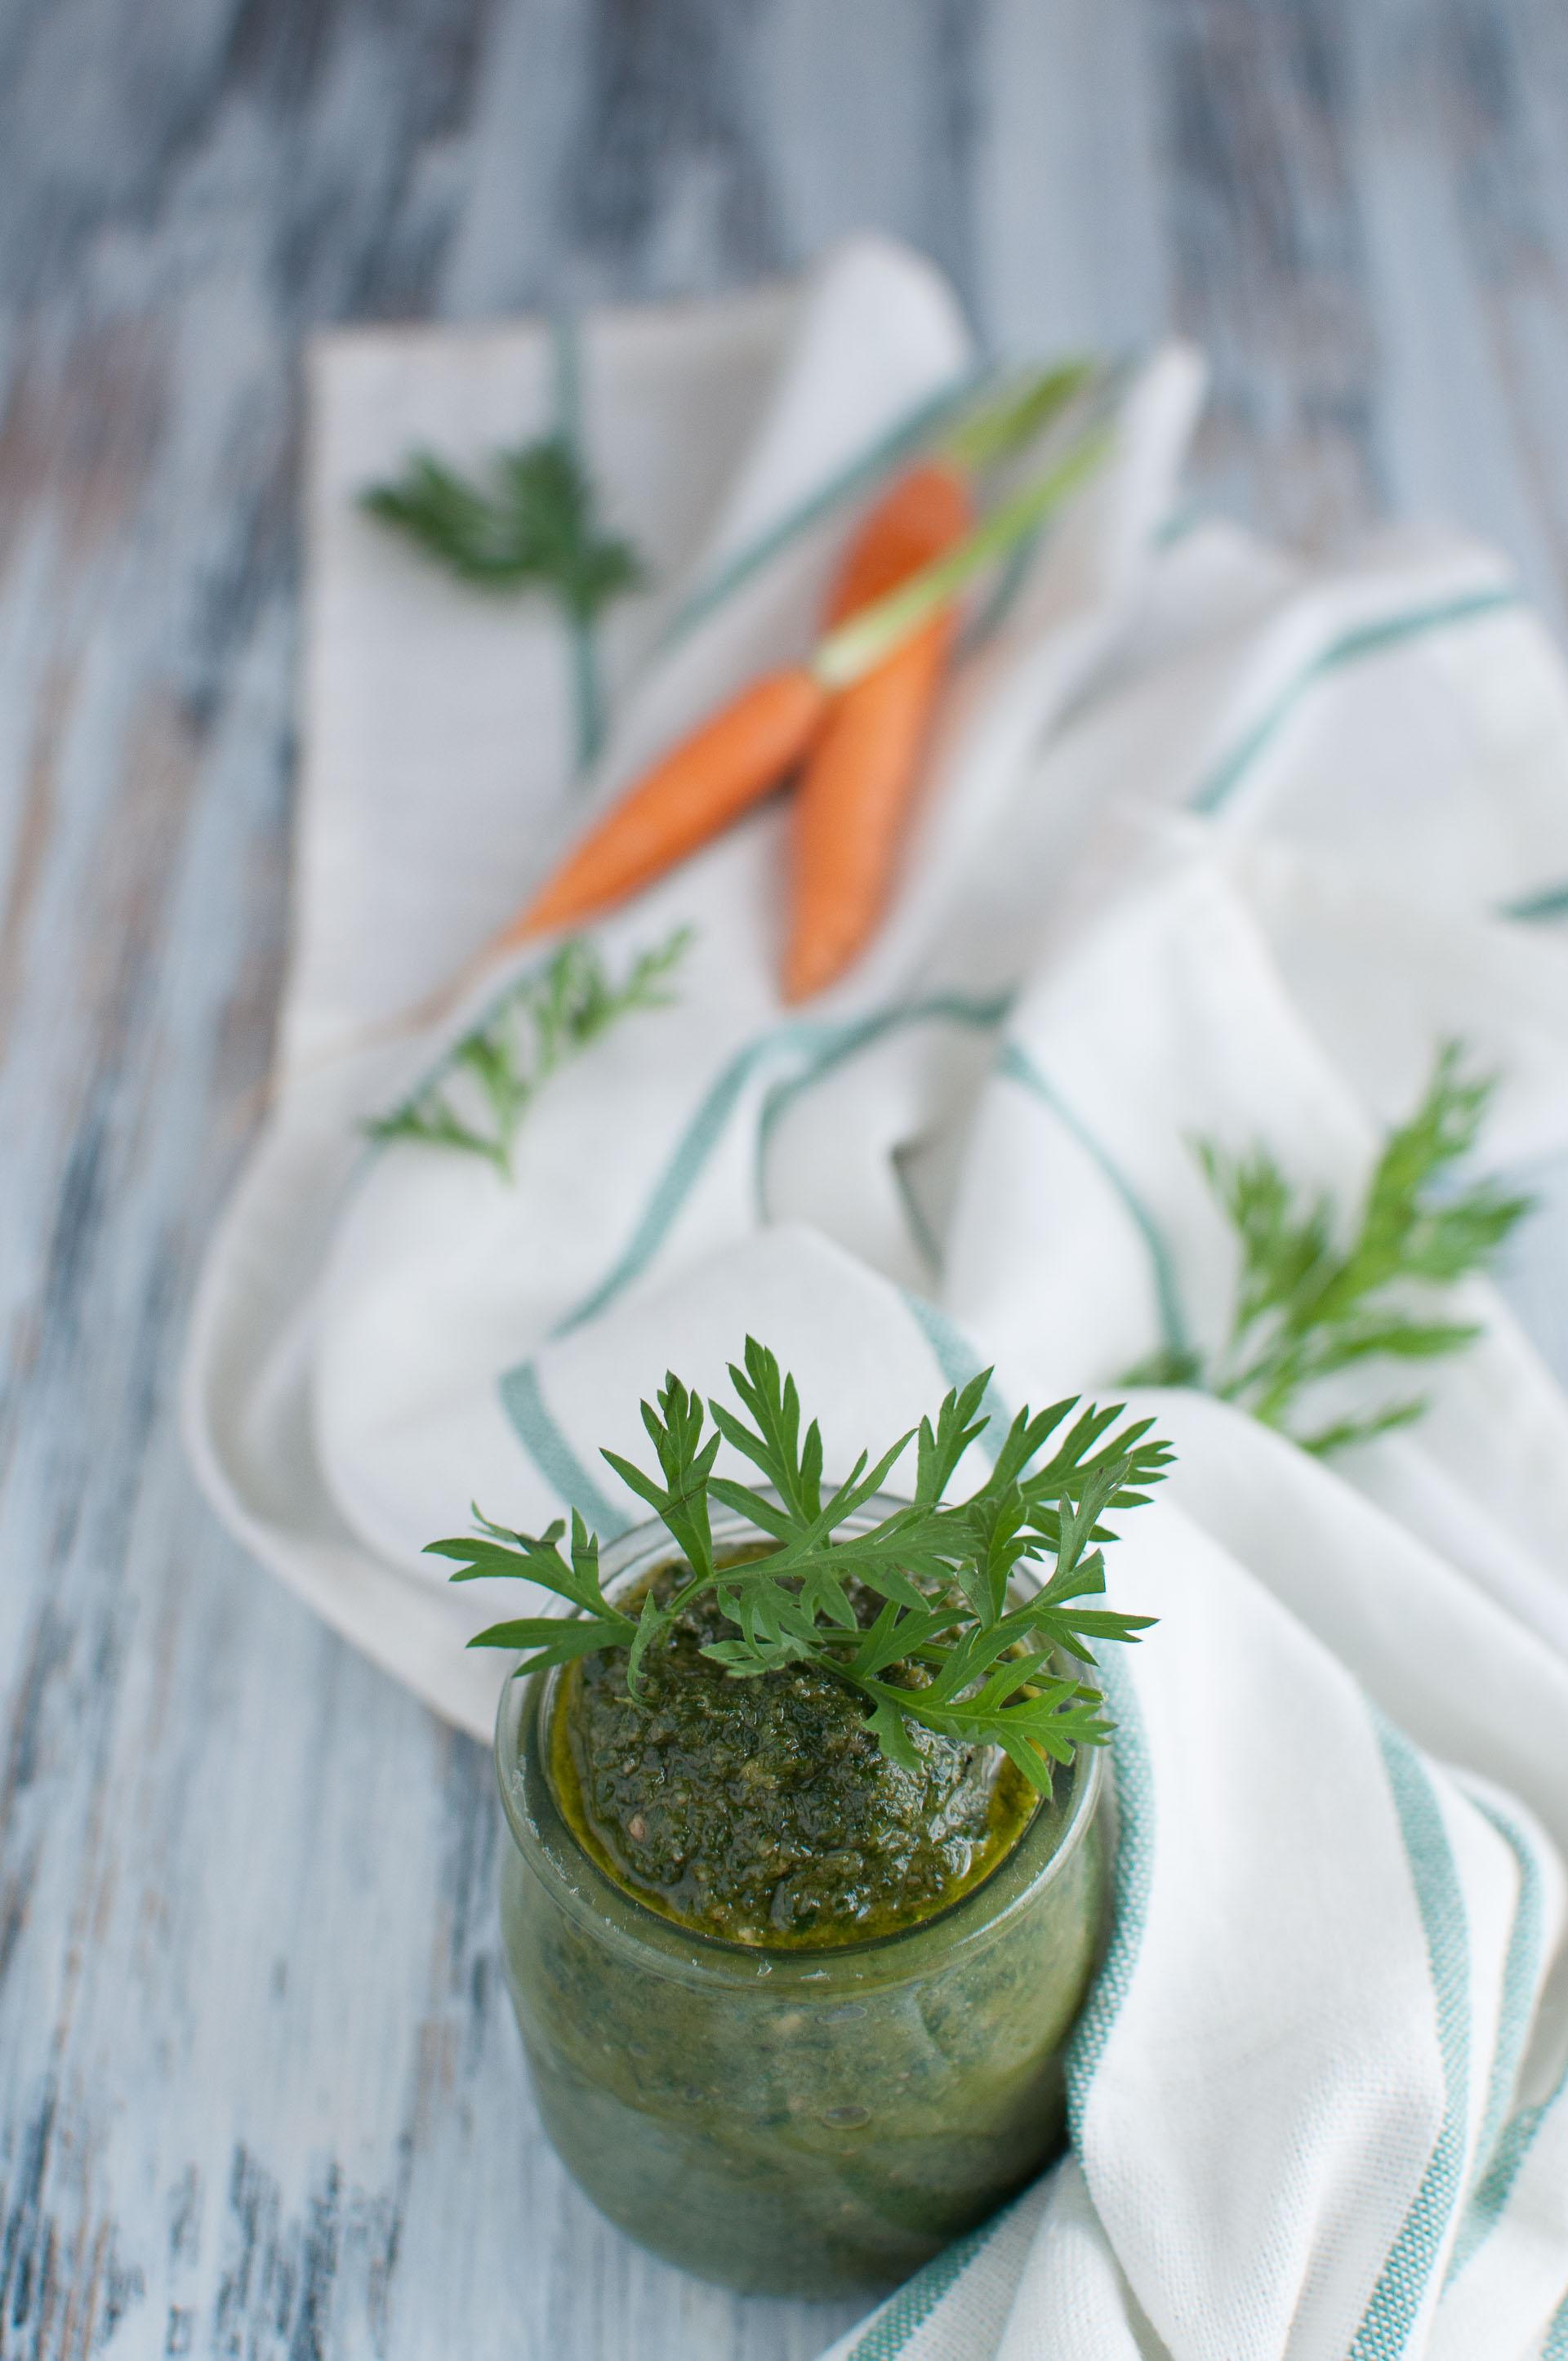 Pesto di foglie di carote come si fa